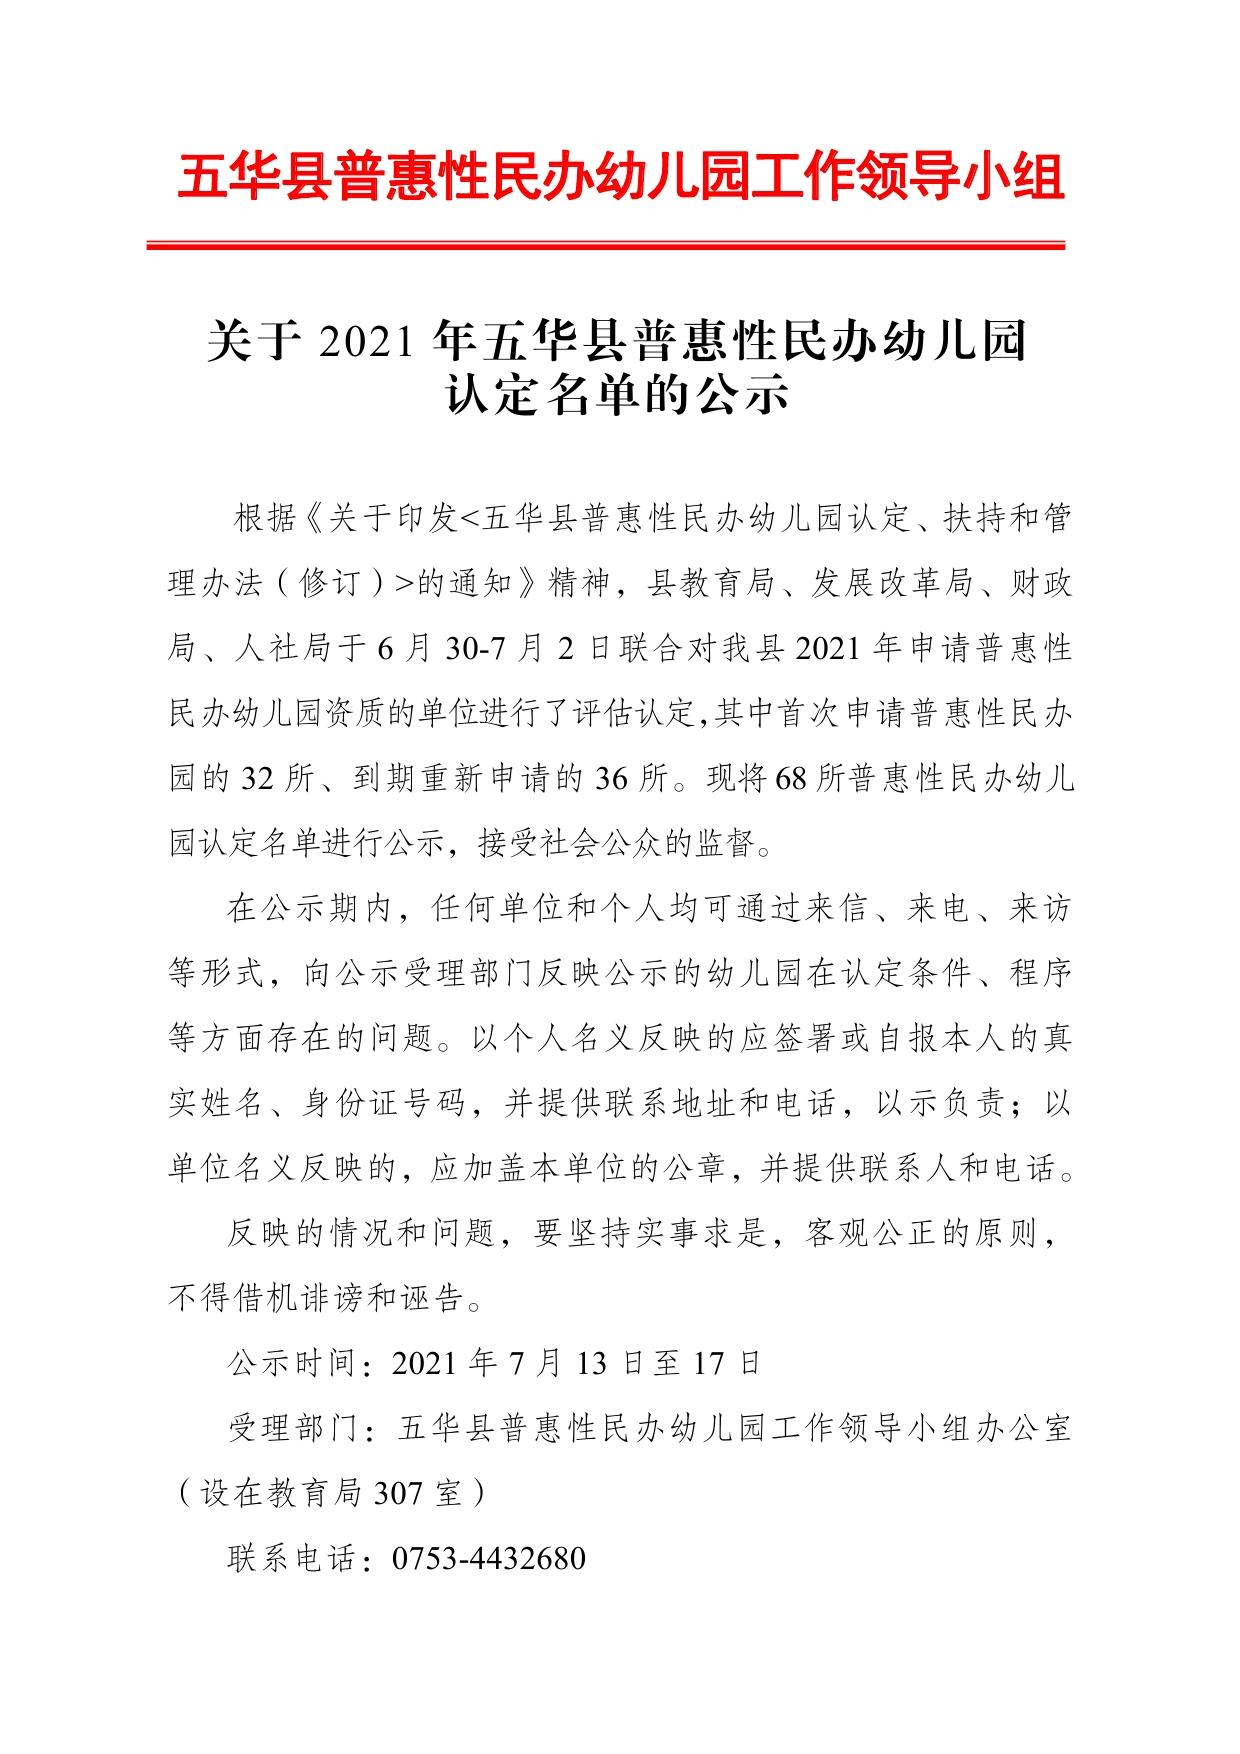 关于2021年五华县普惠性民办幼儿园认定名单的公示0000.jpg